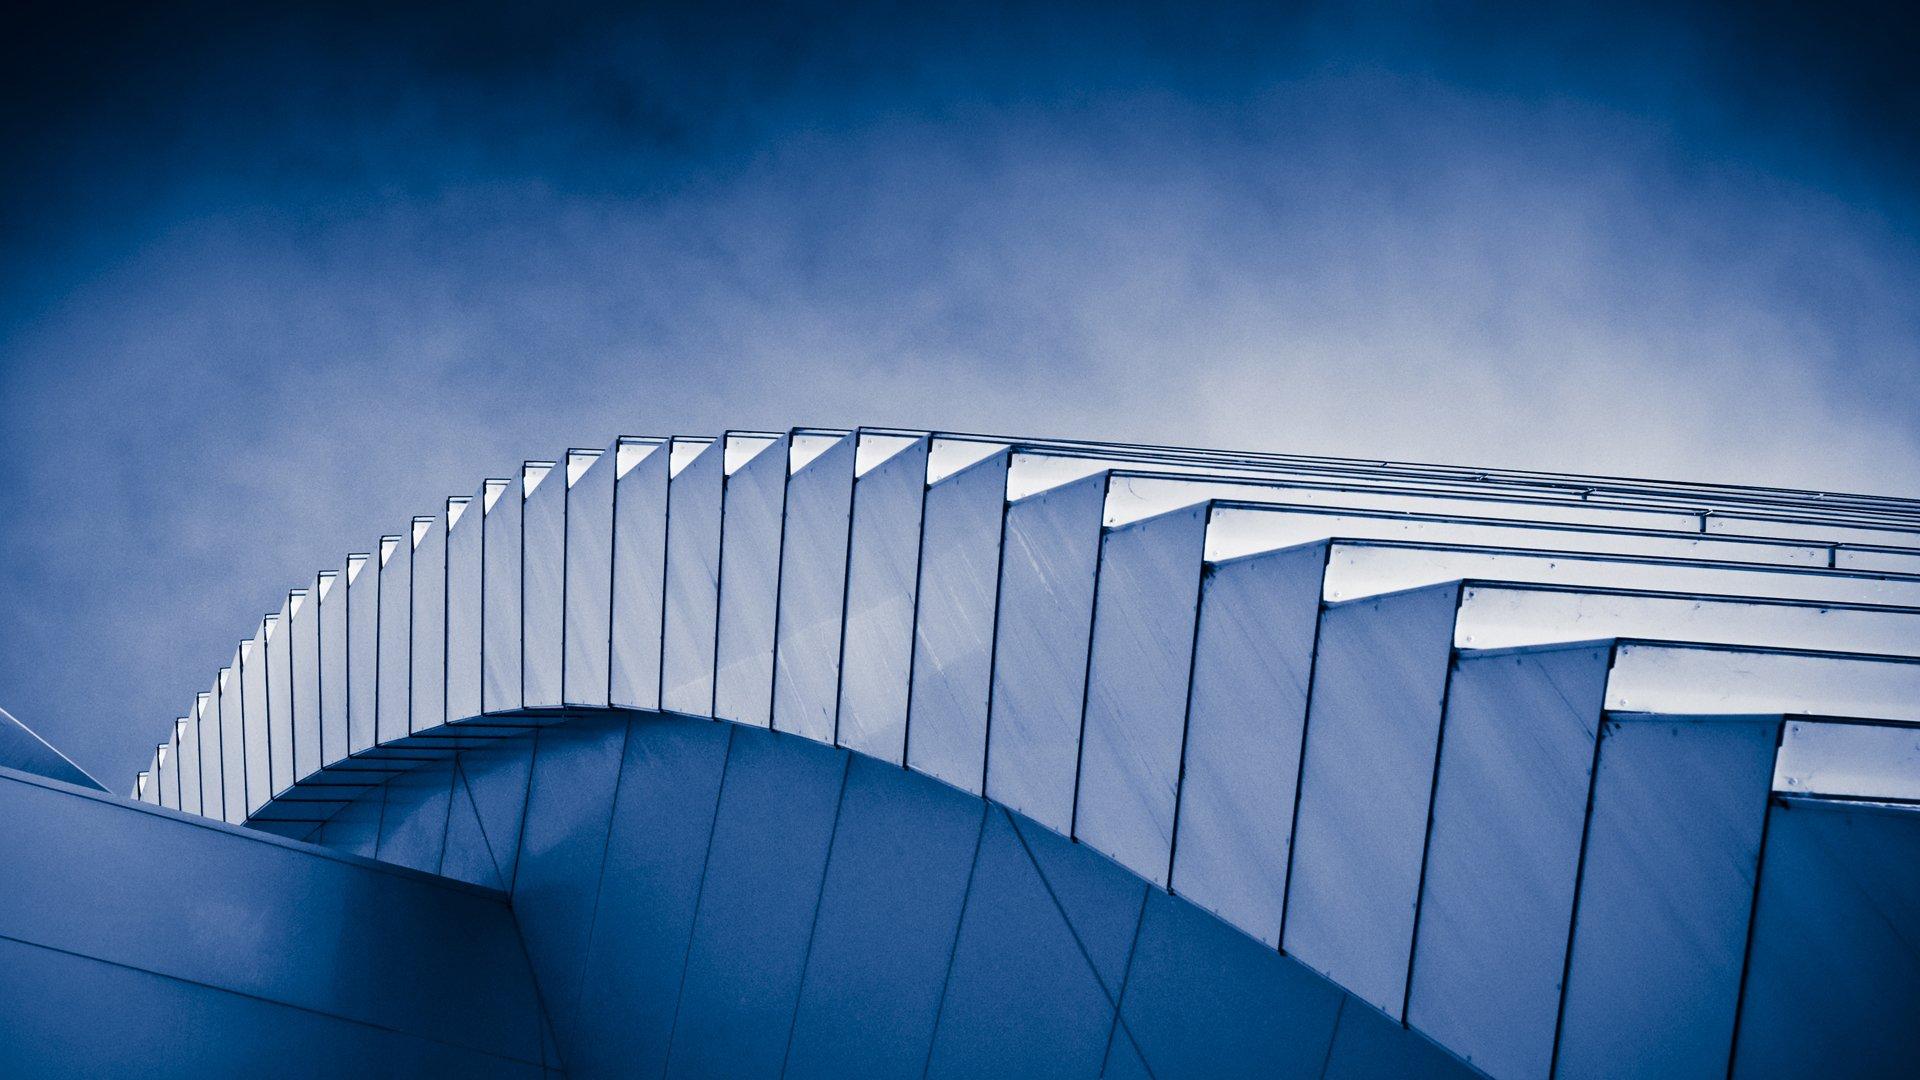 Architektur full hd wallpaper and hintergrund 1920x1080 id 208061 - Wallpaper architektur ...